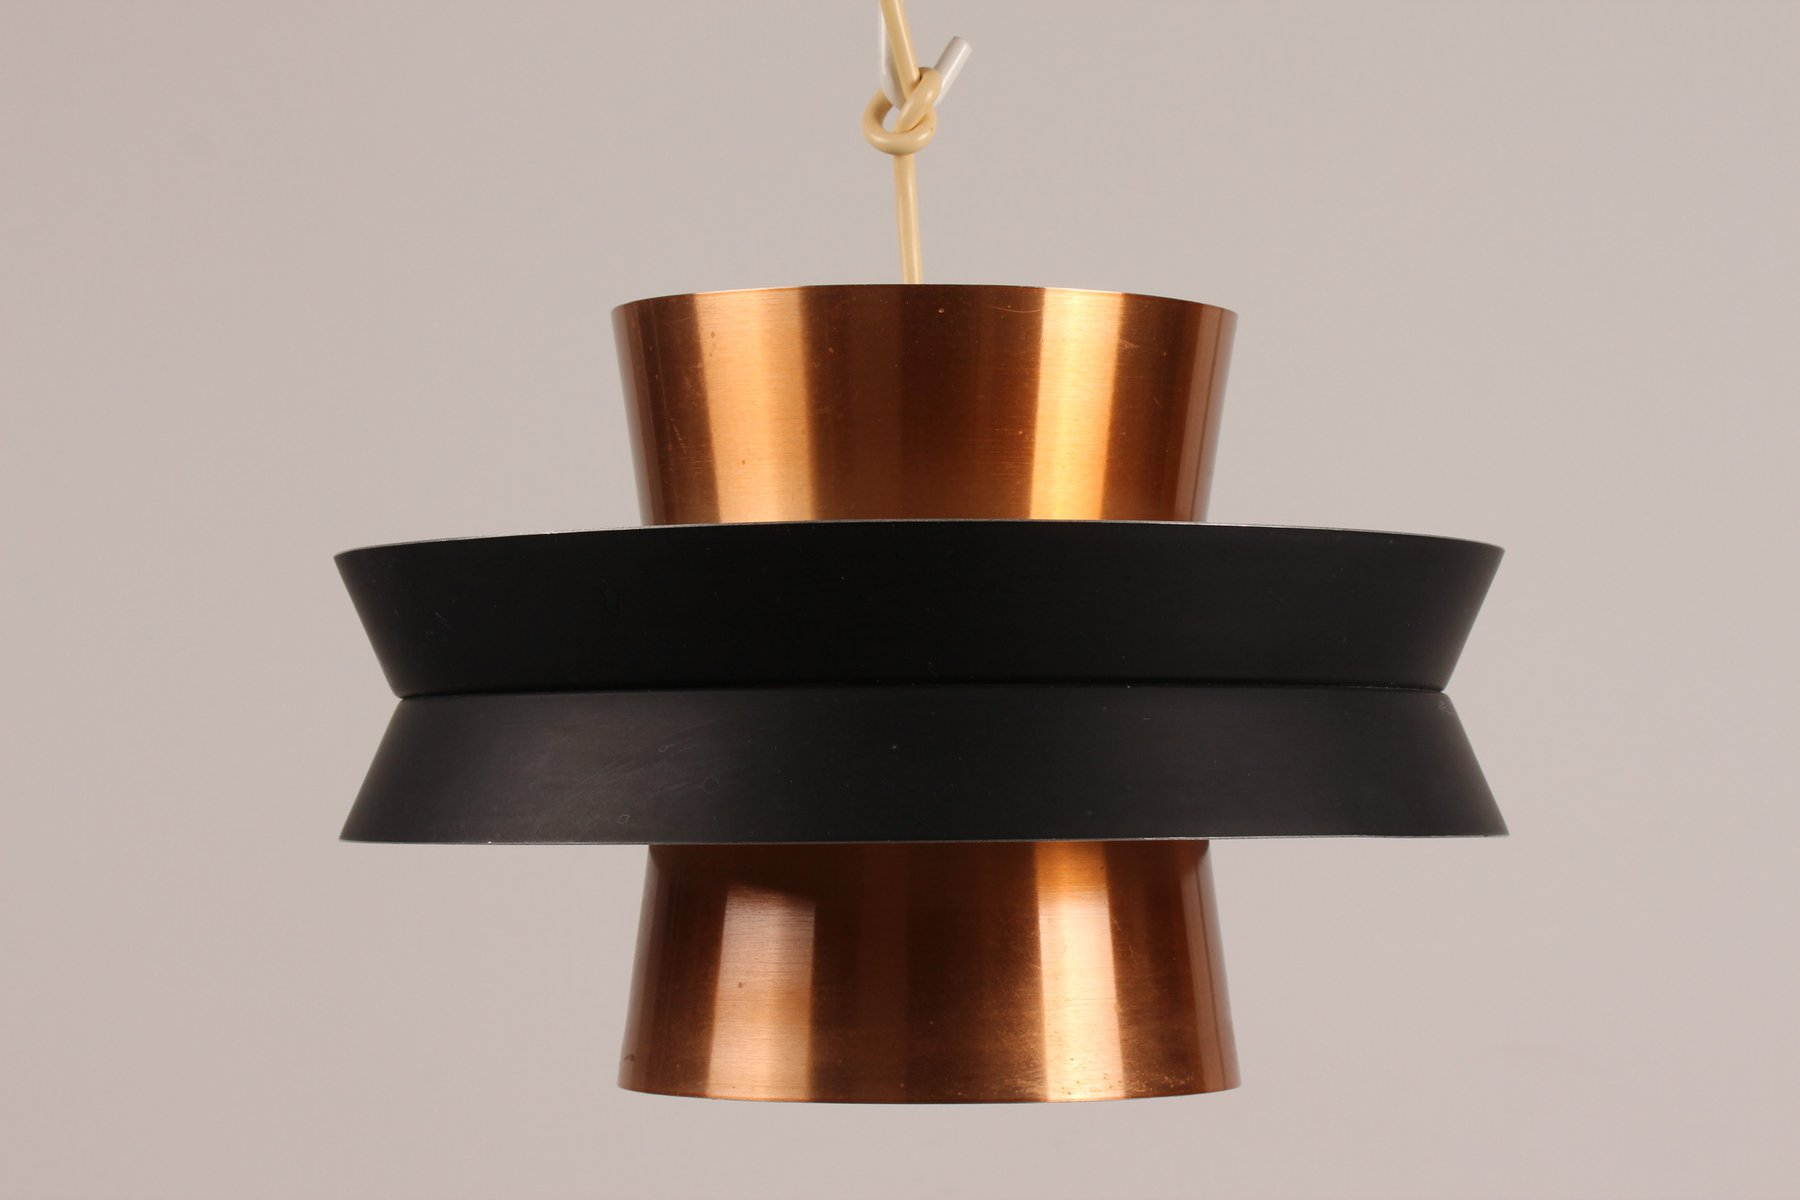 Lampada In Rame Design : Lampada a sospensione in rame di carl thore per granhaga